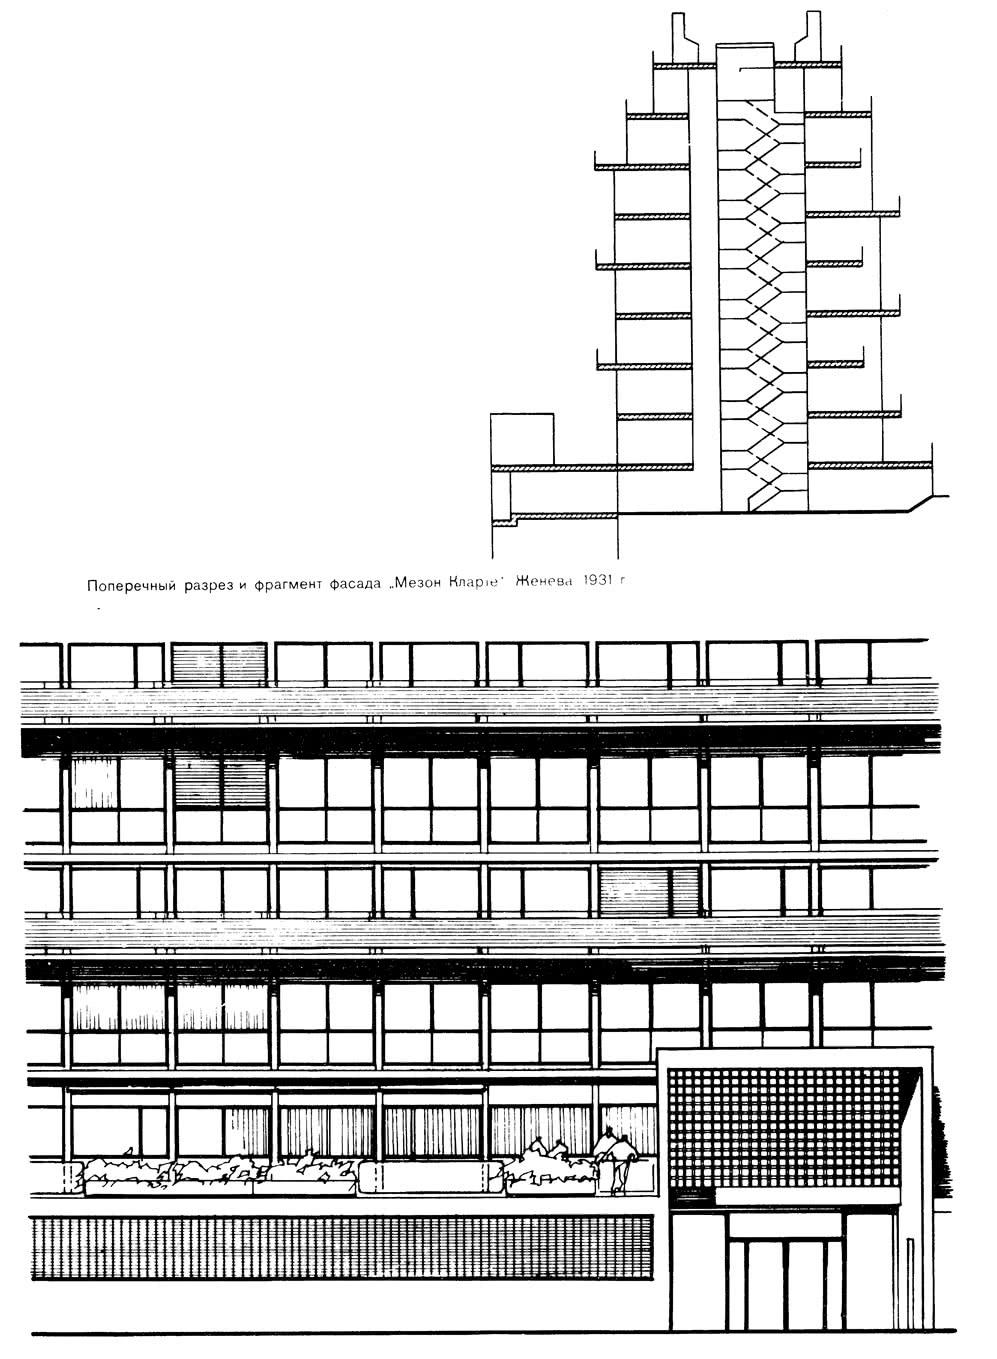 Поперечный разрез и фрагмент фасада Мезон Кларю Женева 1931.